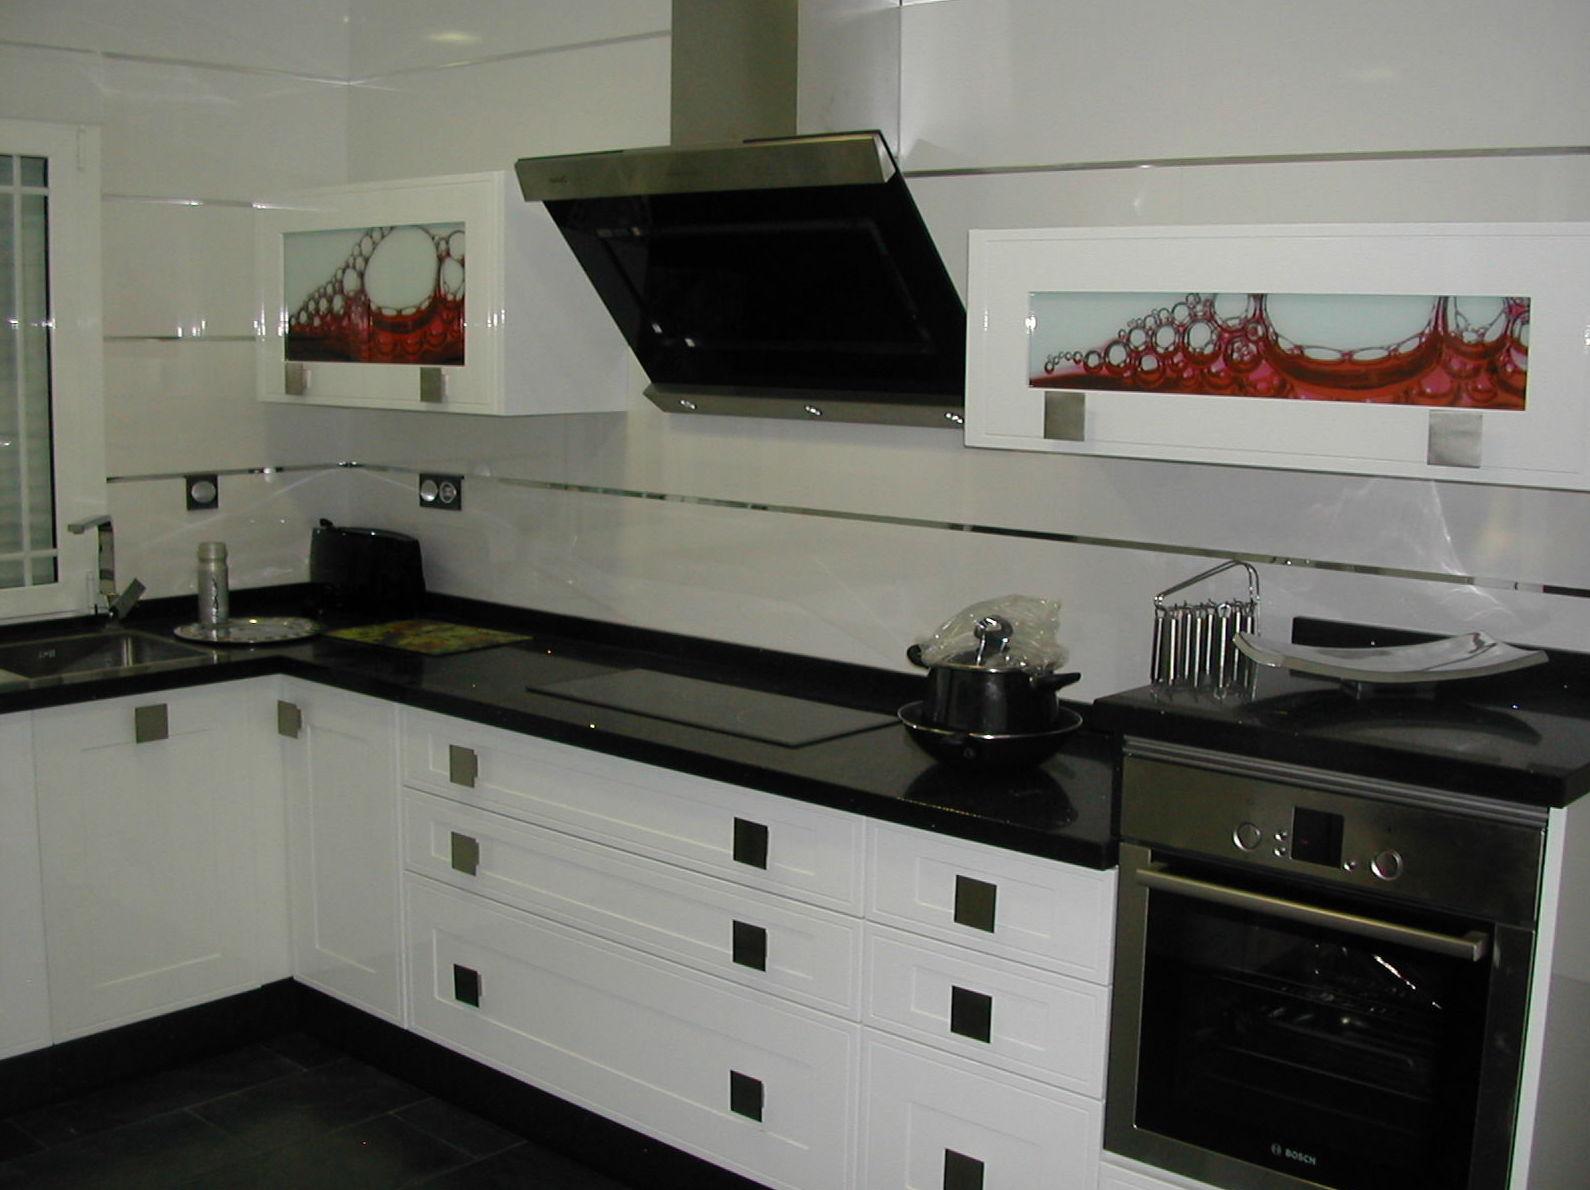 Muebles de cocina lacados en blanco perfect with muebles - Muebles lacados en blanco brillo ...